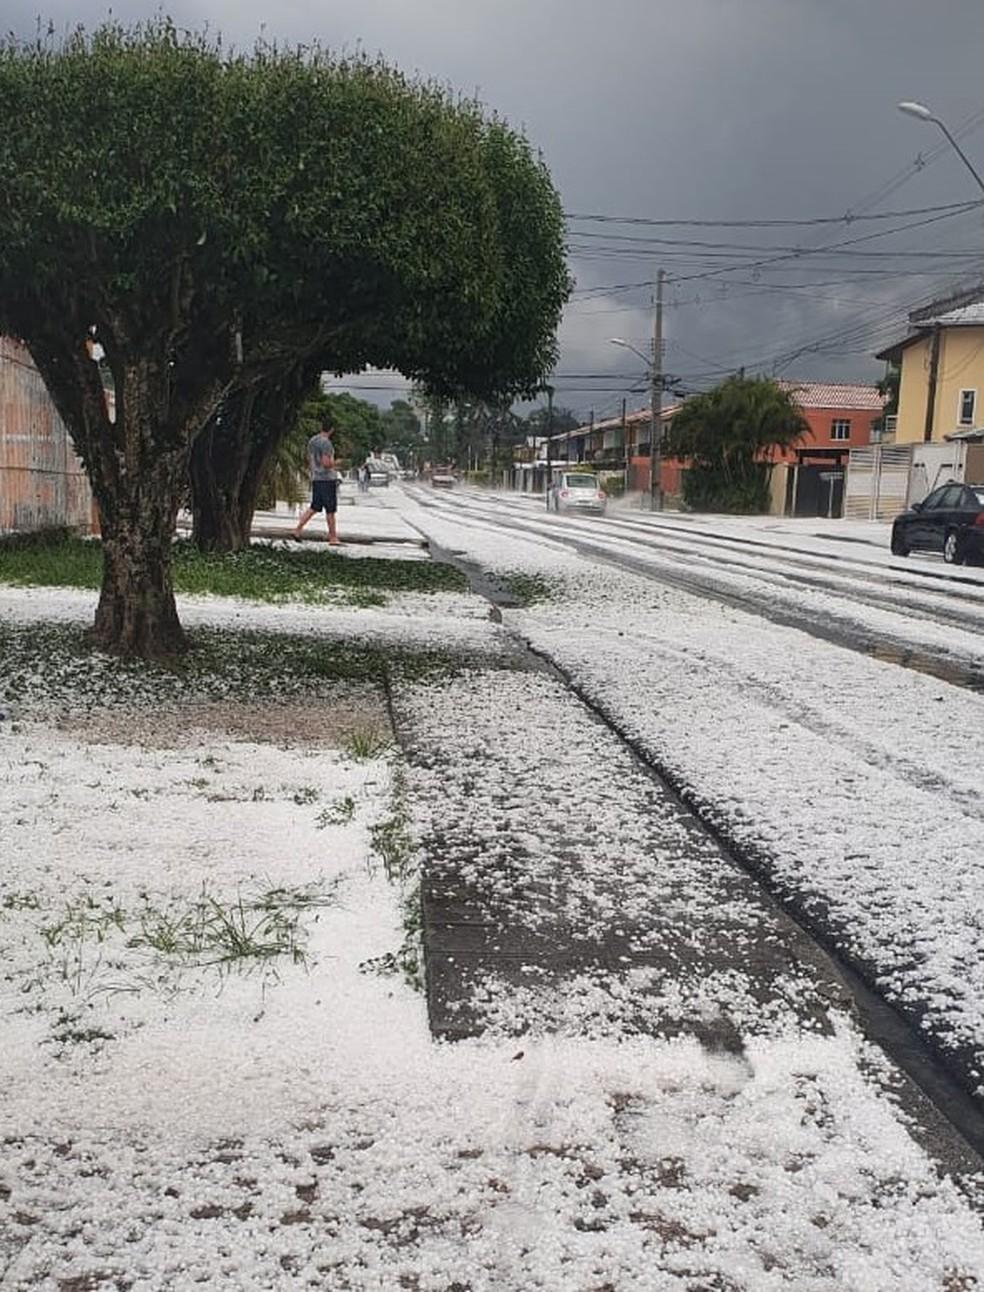 Bairro Alto, em Curitiba, após chuva de granizo nesta terça (3) — Foto: Bianca Daciuk/Arquivo pessoal